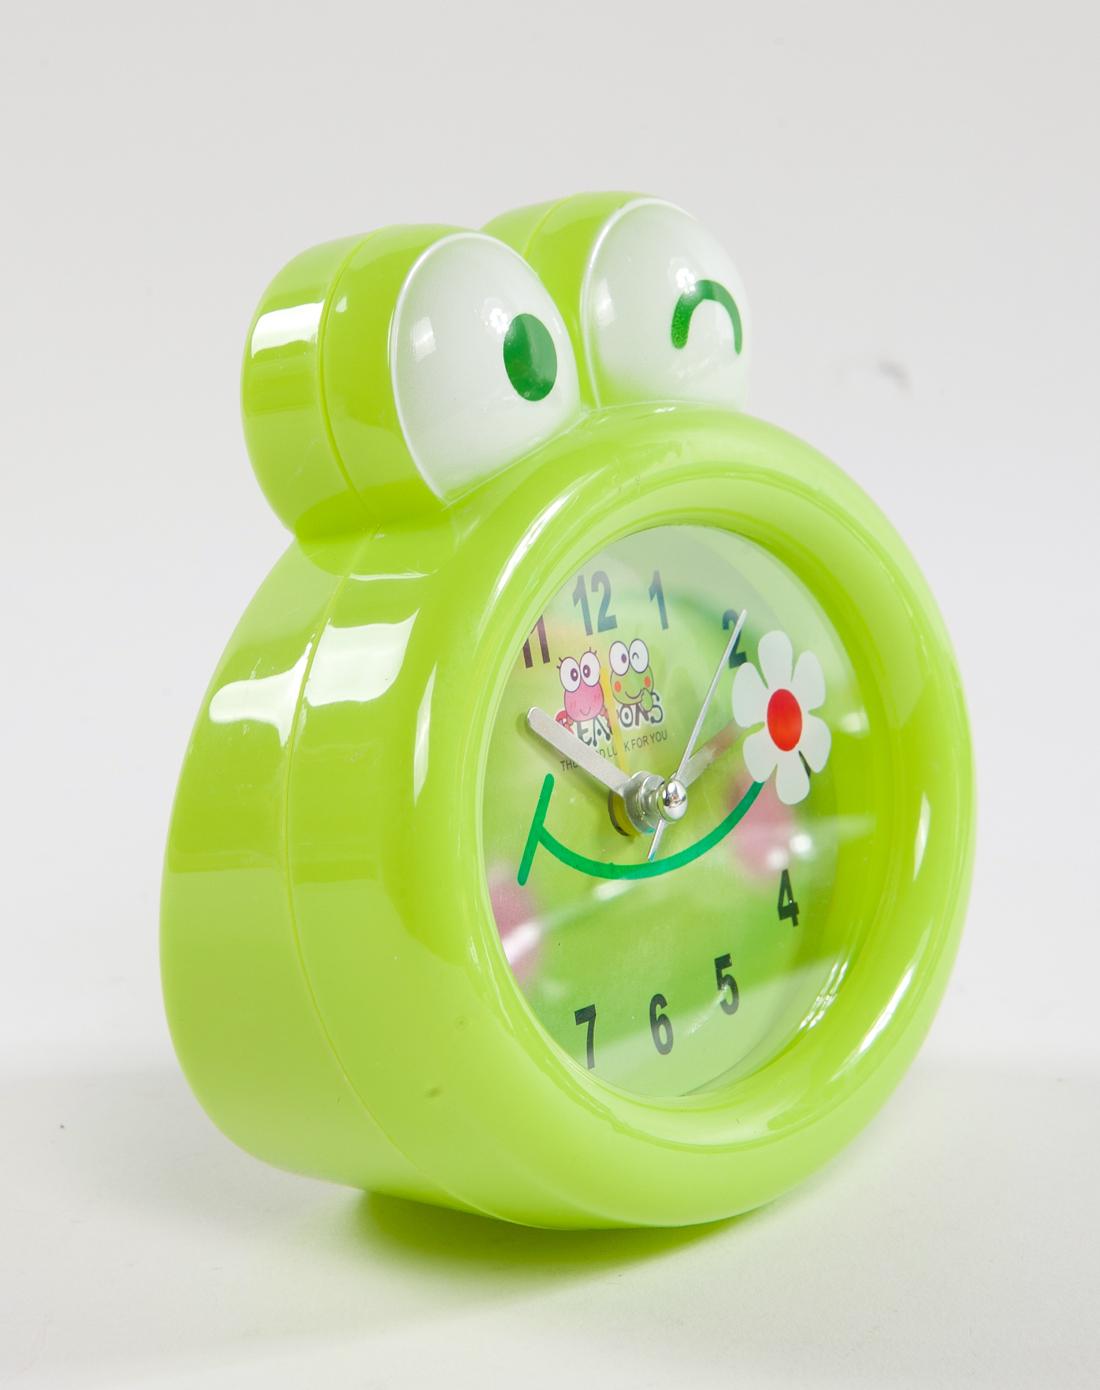 h&3绿色卡通可爱闹钟青蛙王子6920120304640